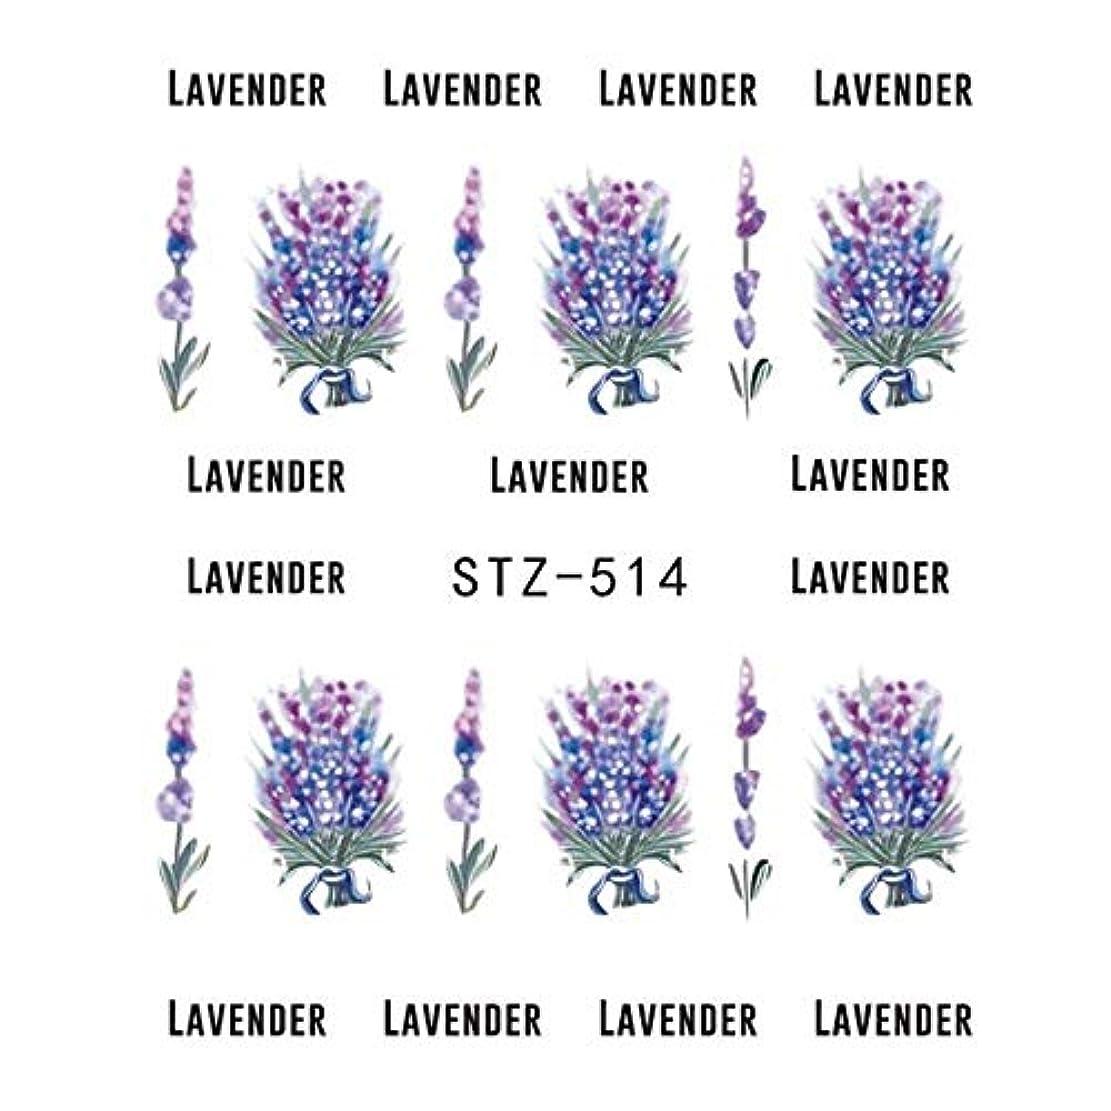 猛烈な七時半インフルエンザSUKTI&XIAO ネイルステッカー ラベンダーブーケウォーターステッカーネイルアートデコレーション紫咲く花スライド美容ネイルデカール、Stz514